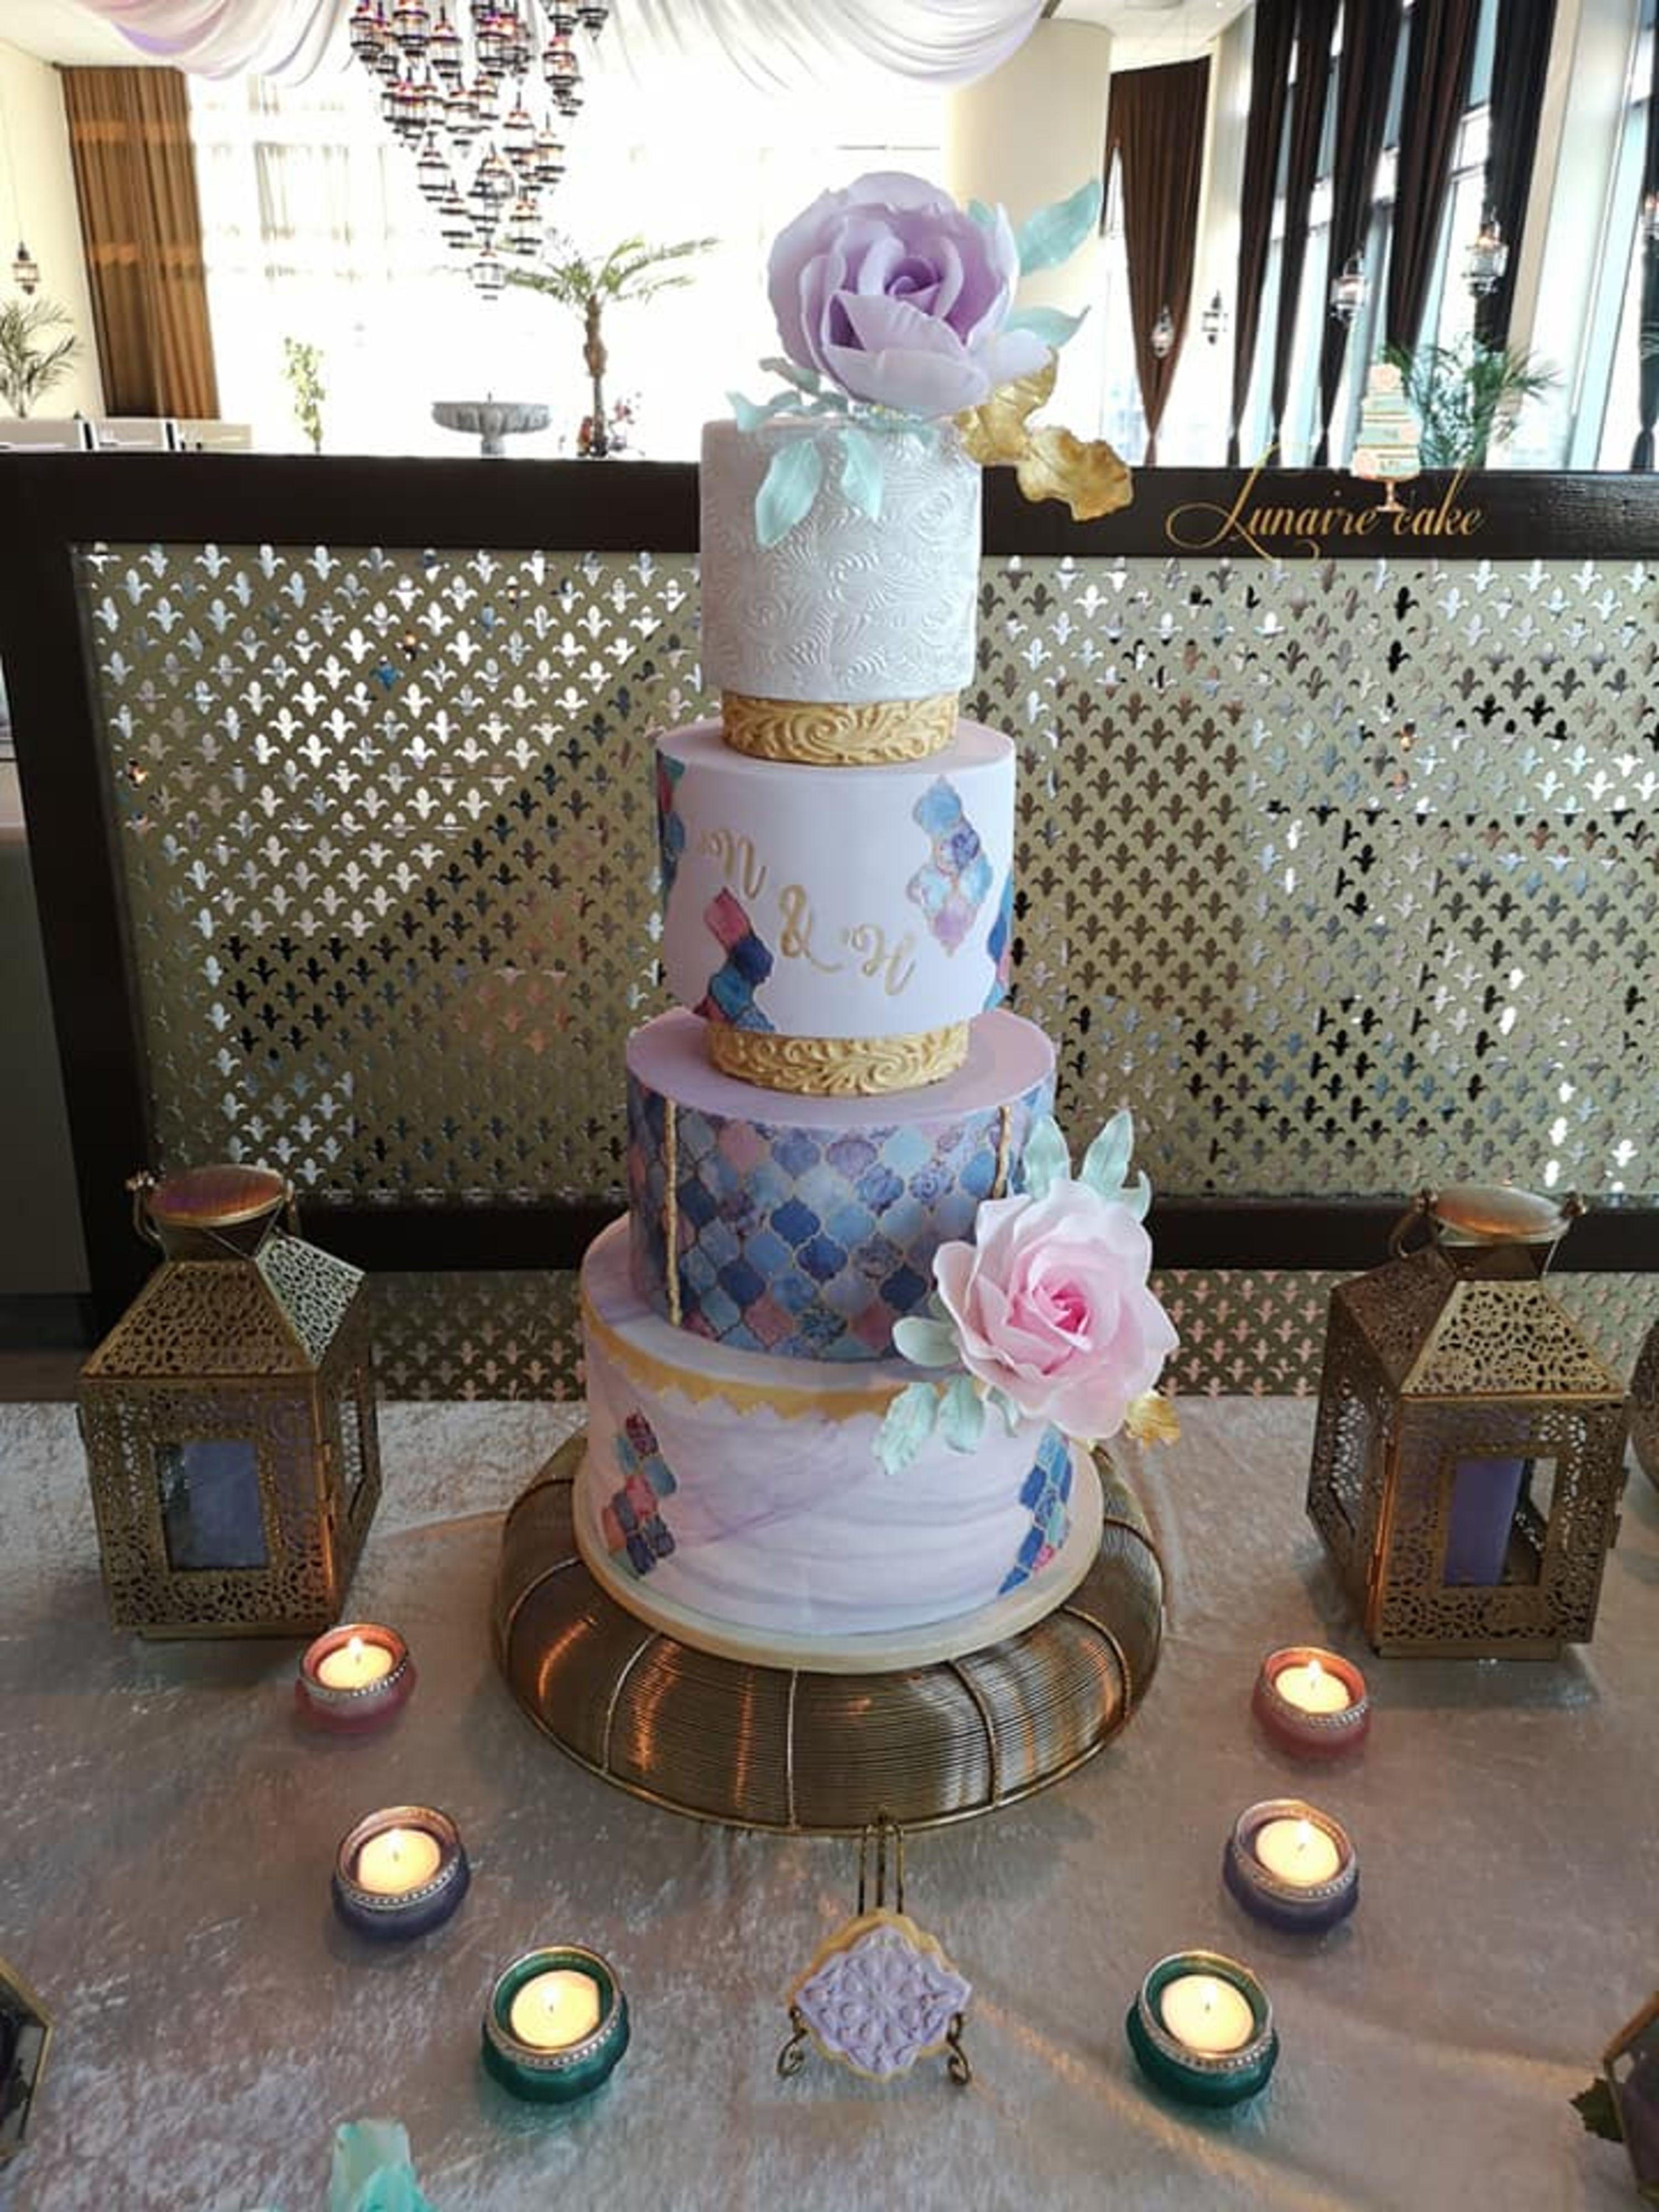 Lunaire cake bruidstaart